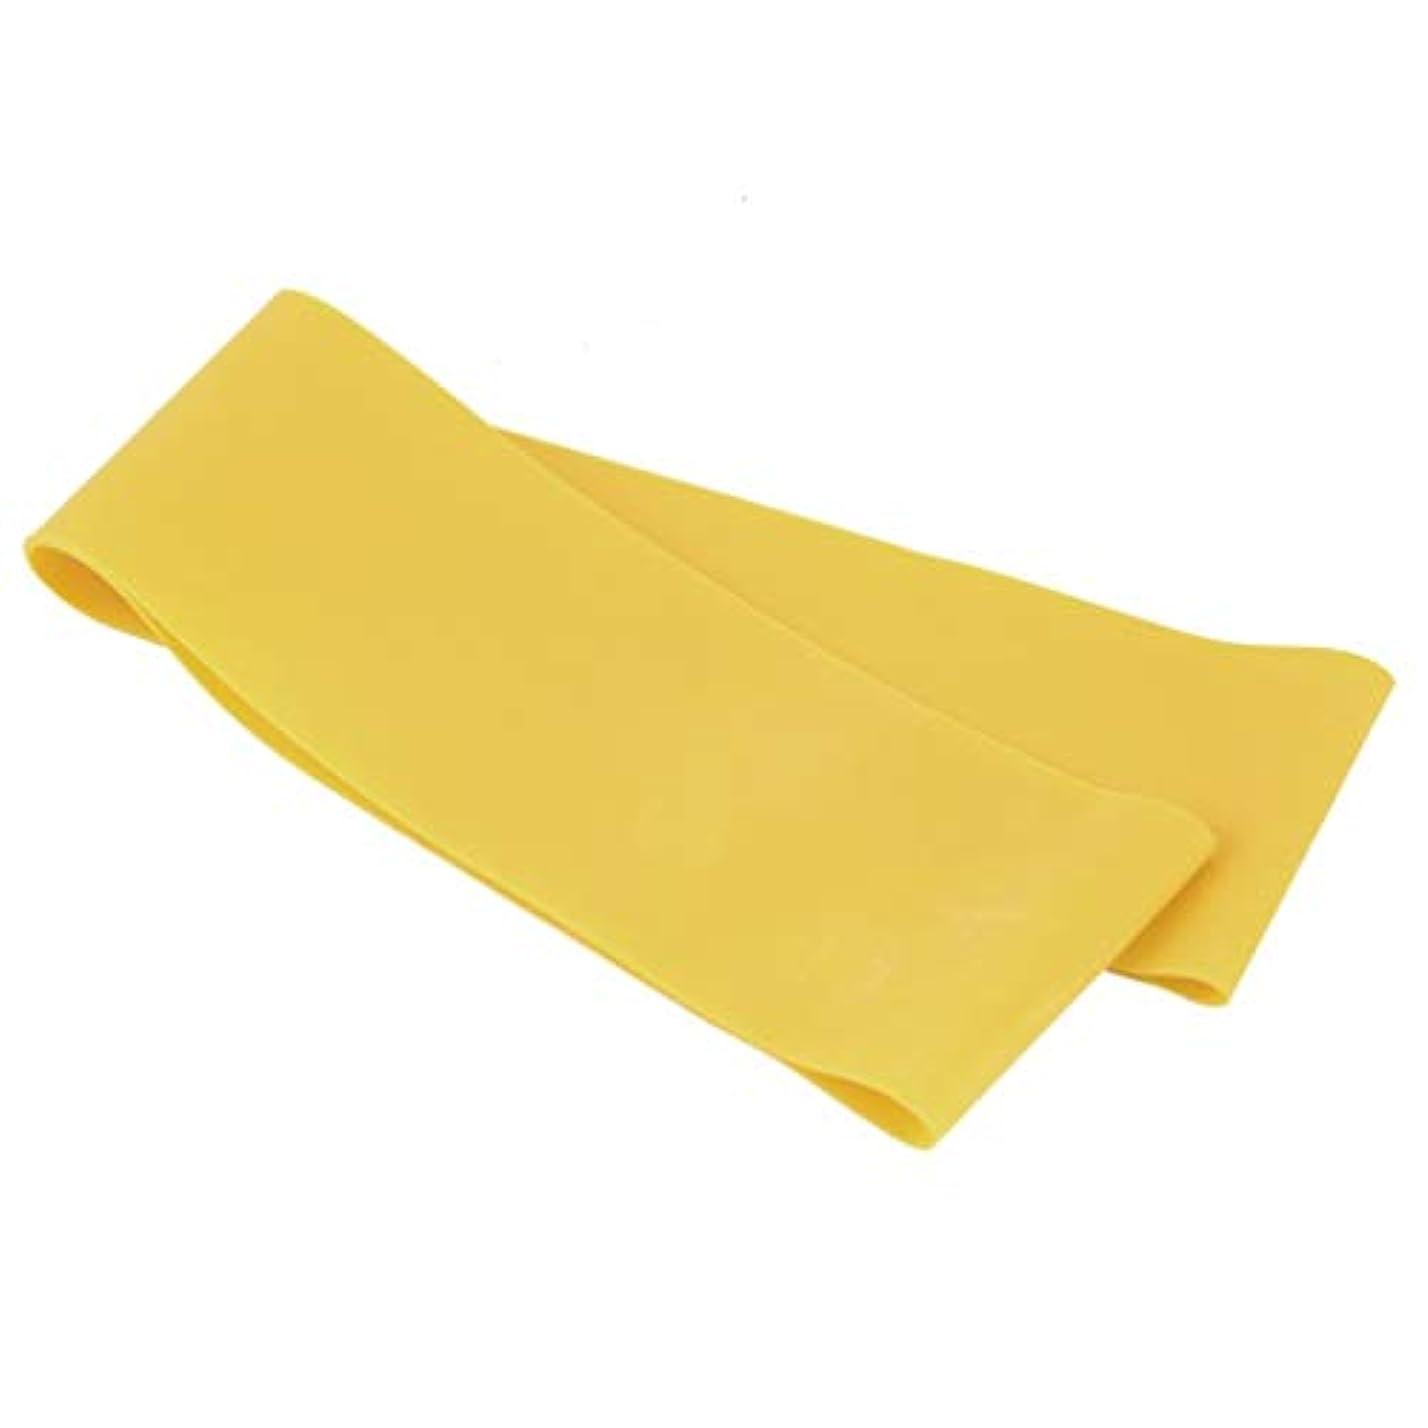 政令一部農奴滑り止めの伸縮性のあるゴム製伸縮性があるヨガのベルトバンド引きロープの張力抵抗バンドループ強さのためのフィットネスヨガツール - 黄色